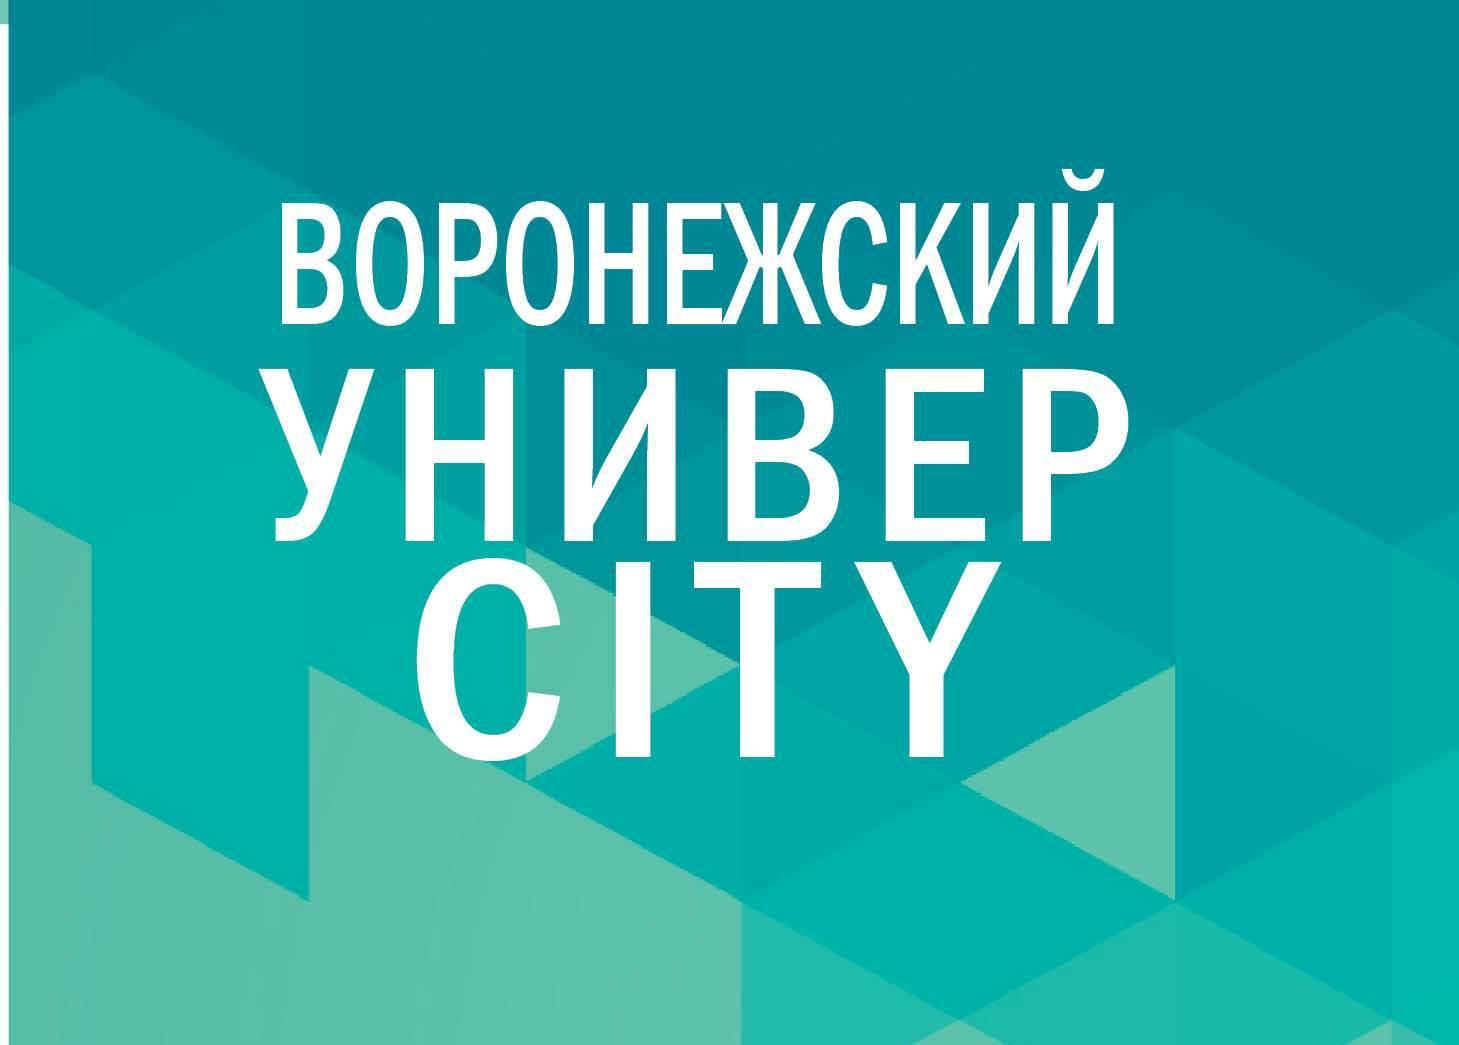 Воронежский УниверCity